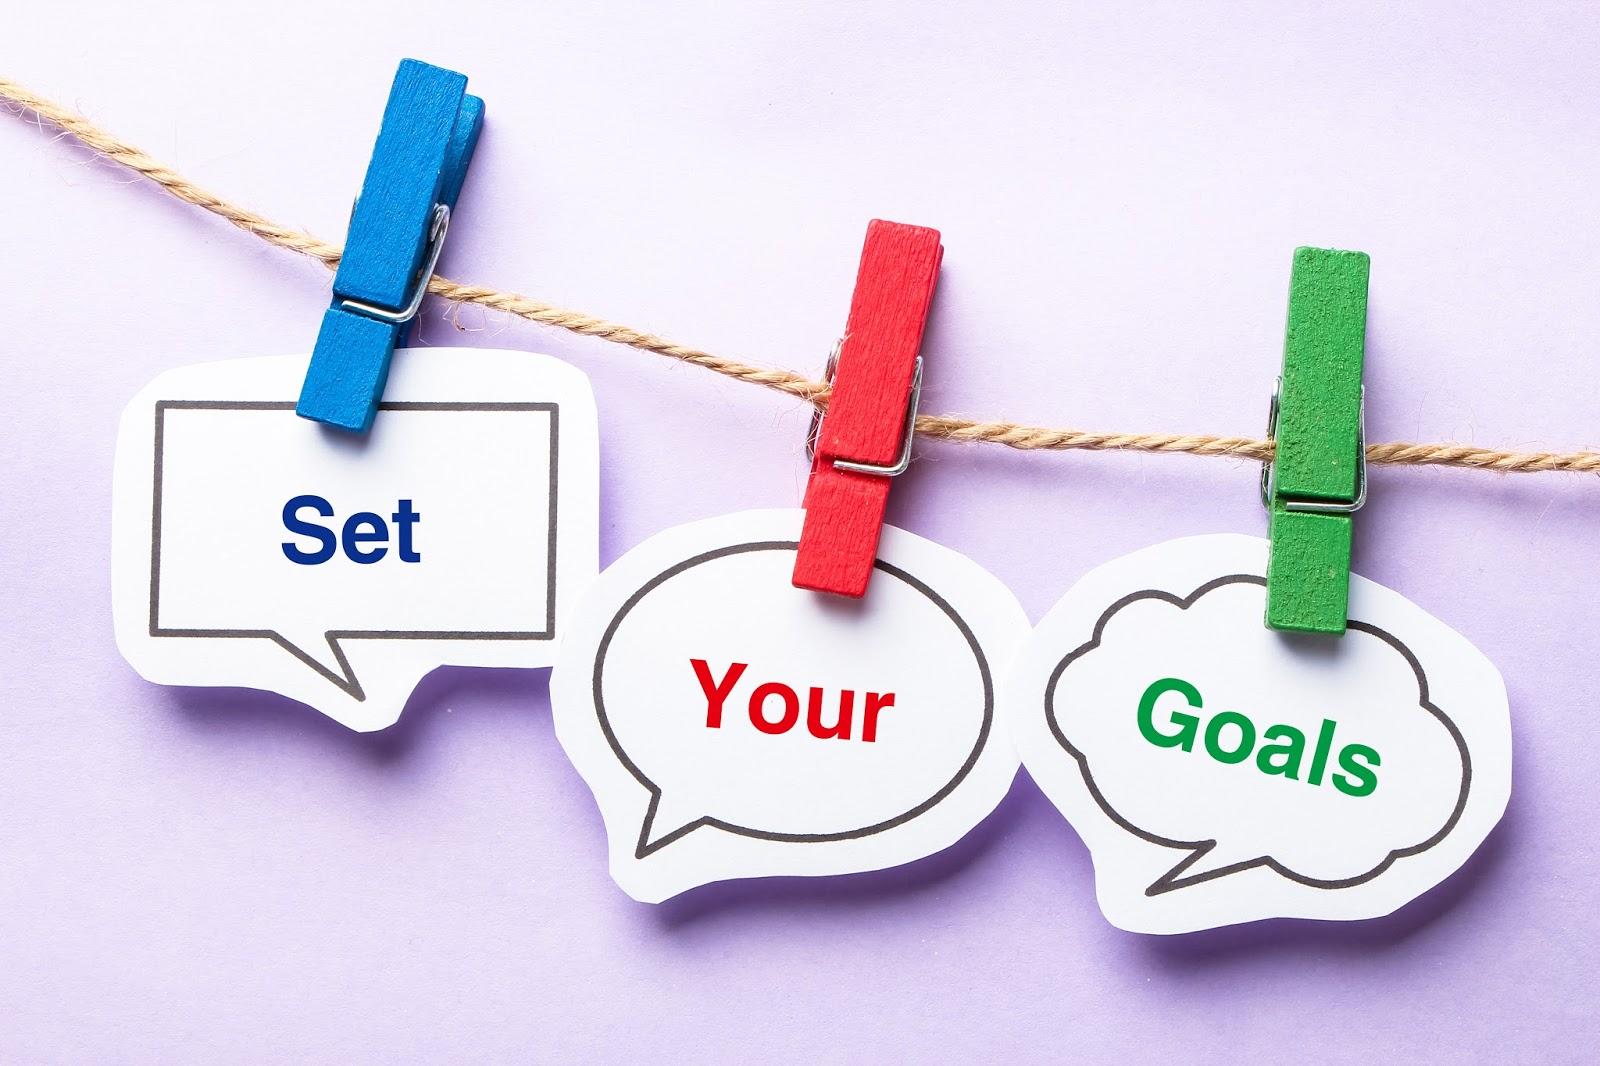 Choose Bigger Goals